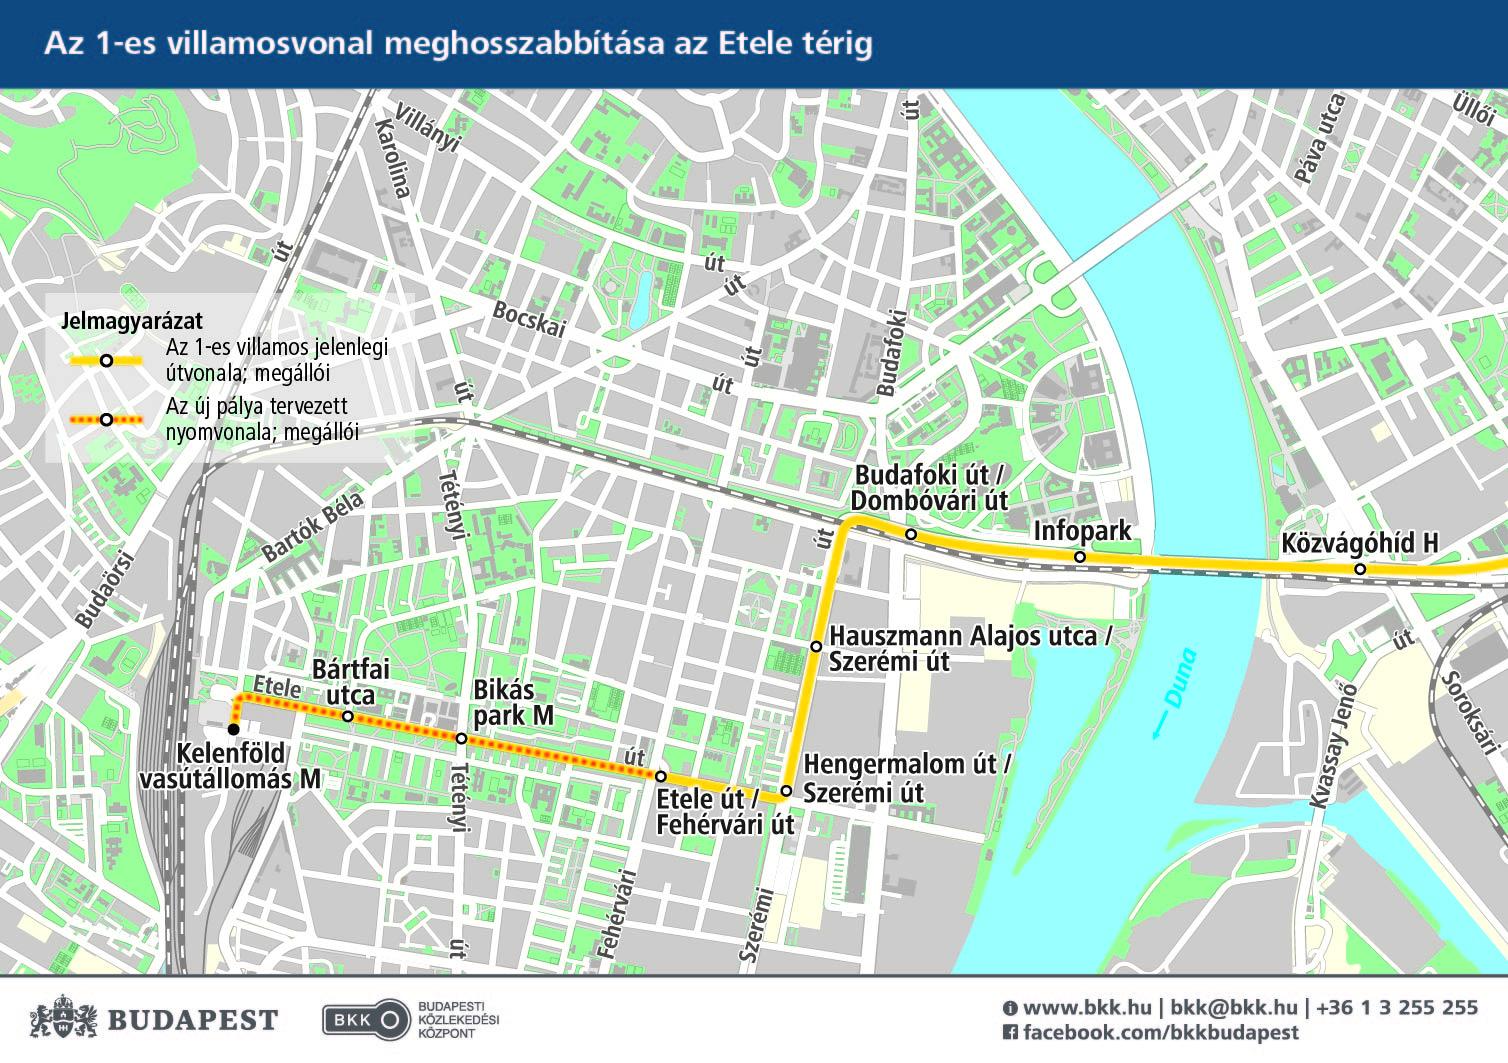 budapest térkép kelenföld Az 1 es villamos vonalának meghosszabbítása Kelenföld  budapest térkép kelenföld